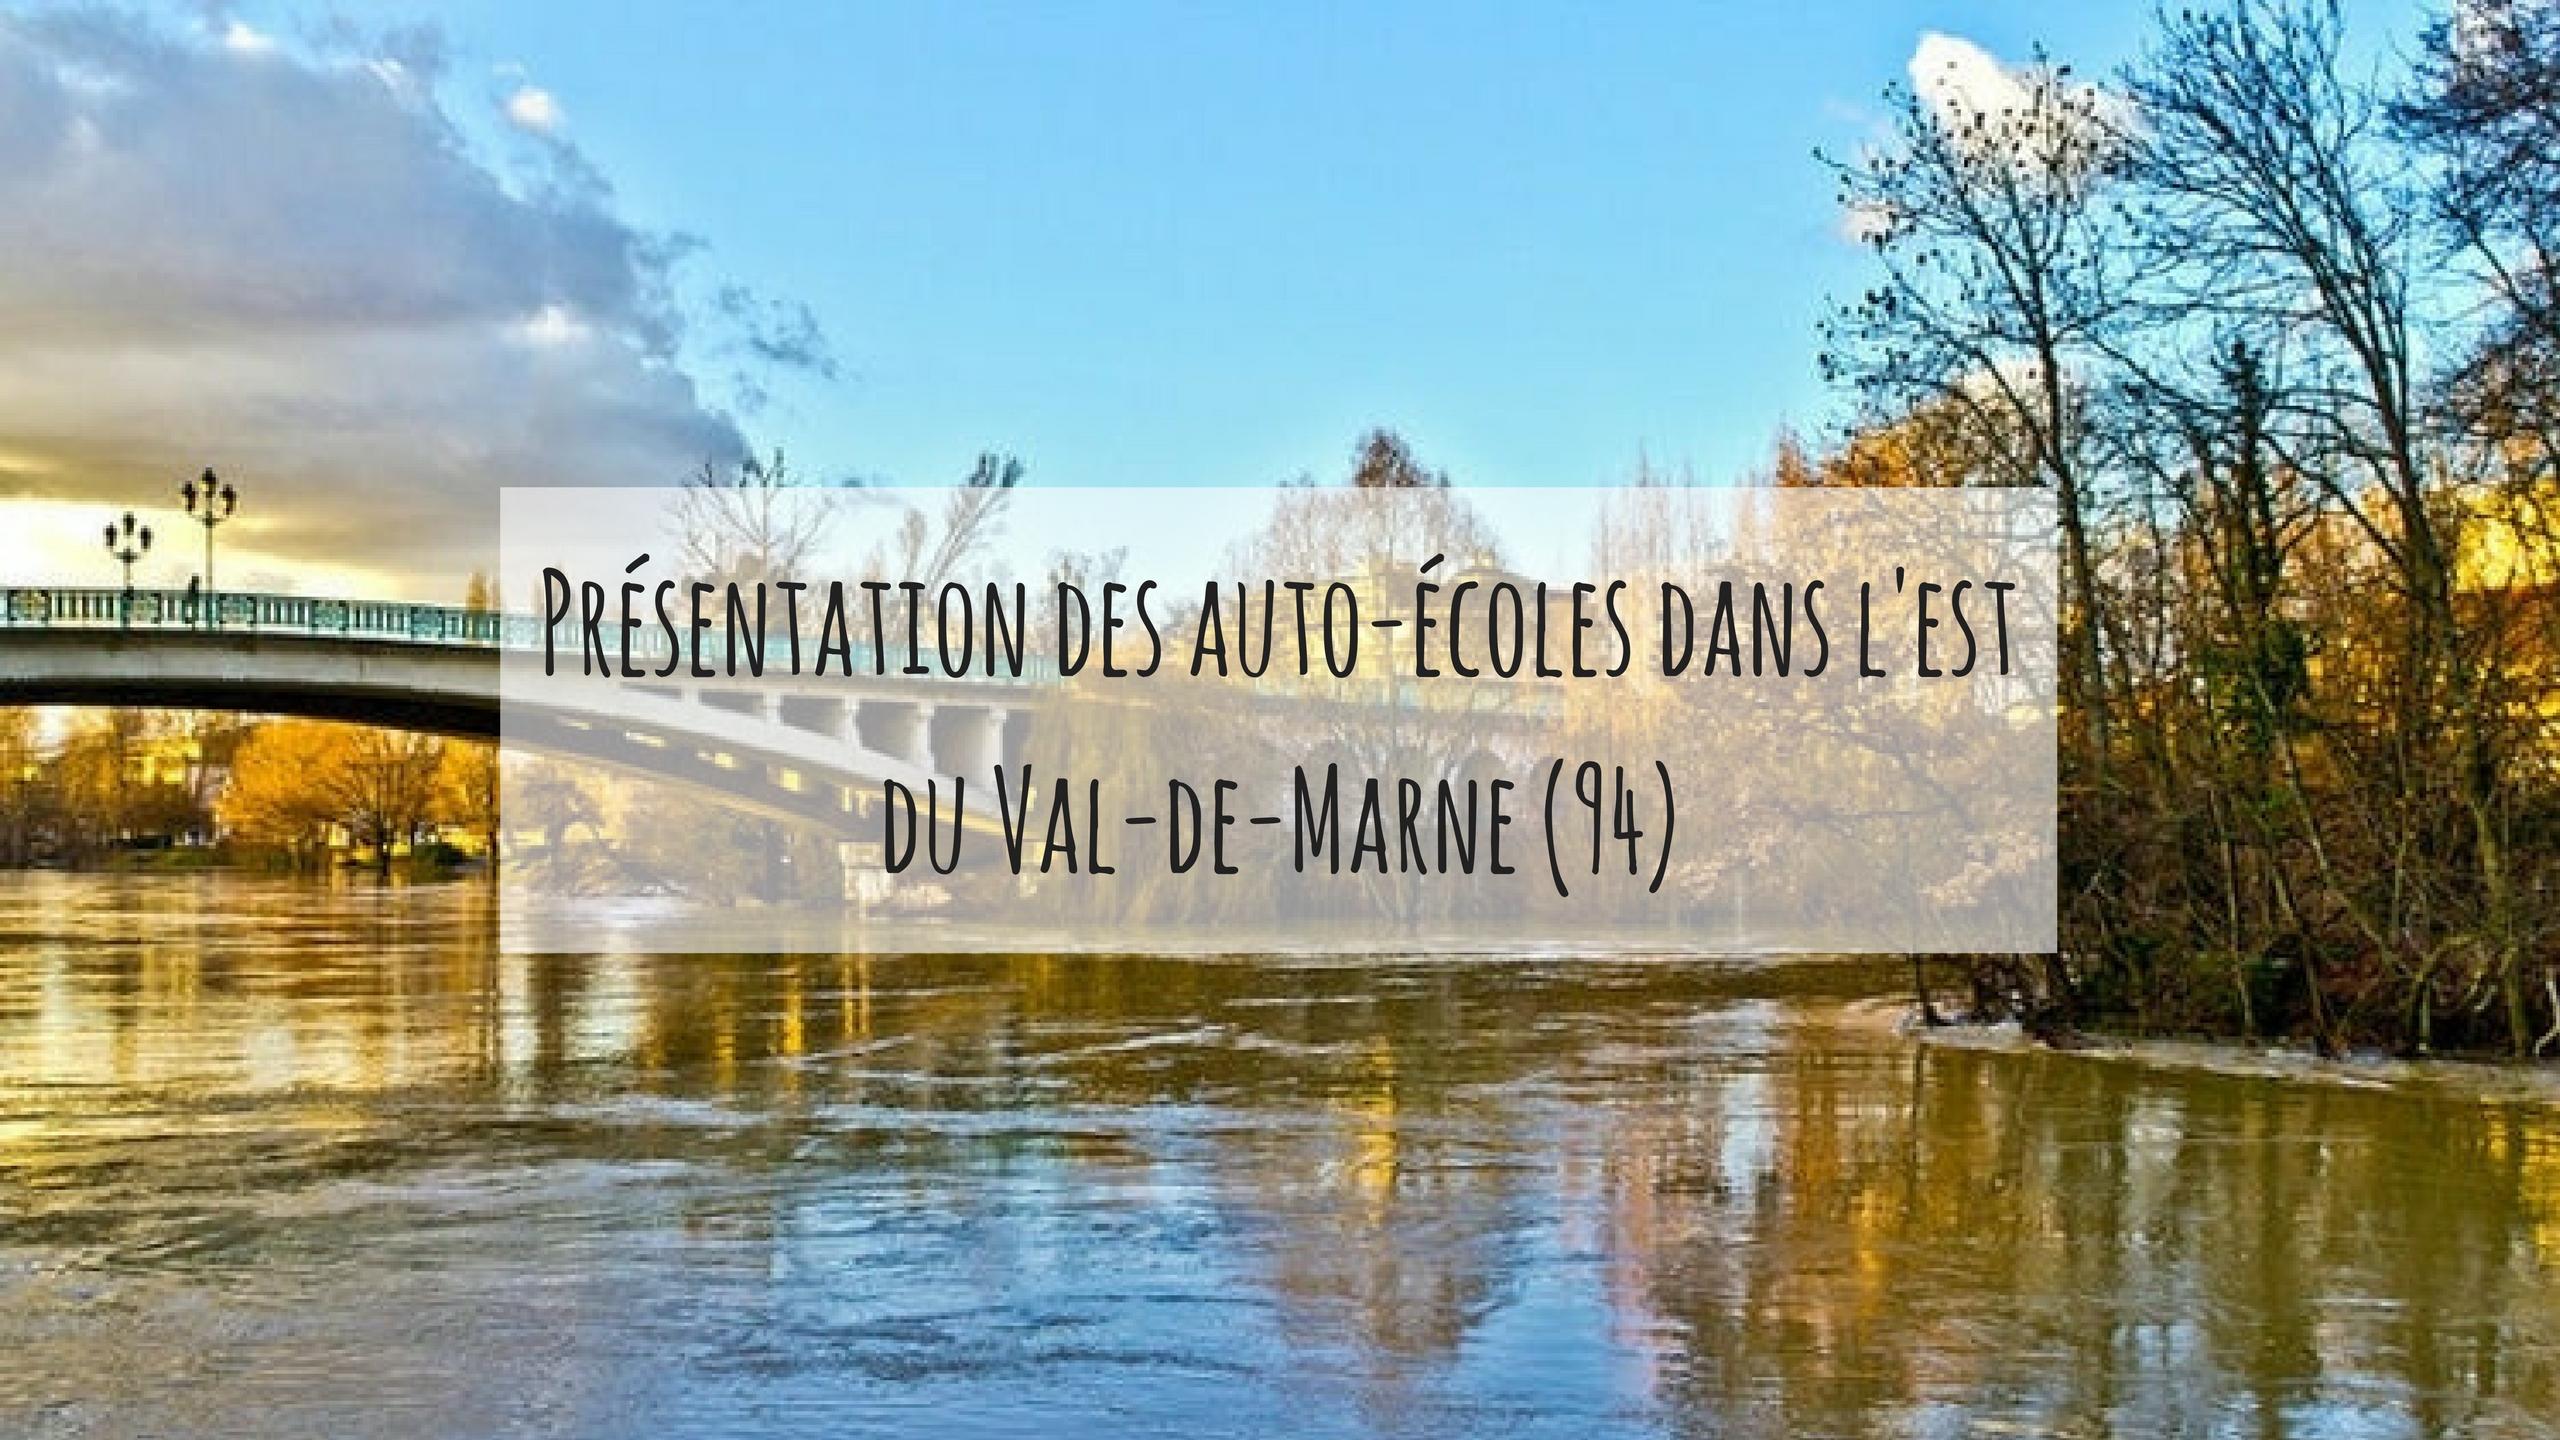 Les auto-écoles de l'est du Val-de-Marne (94)